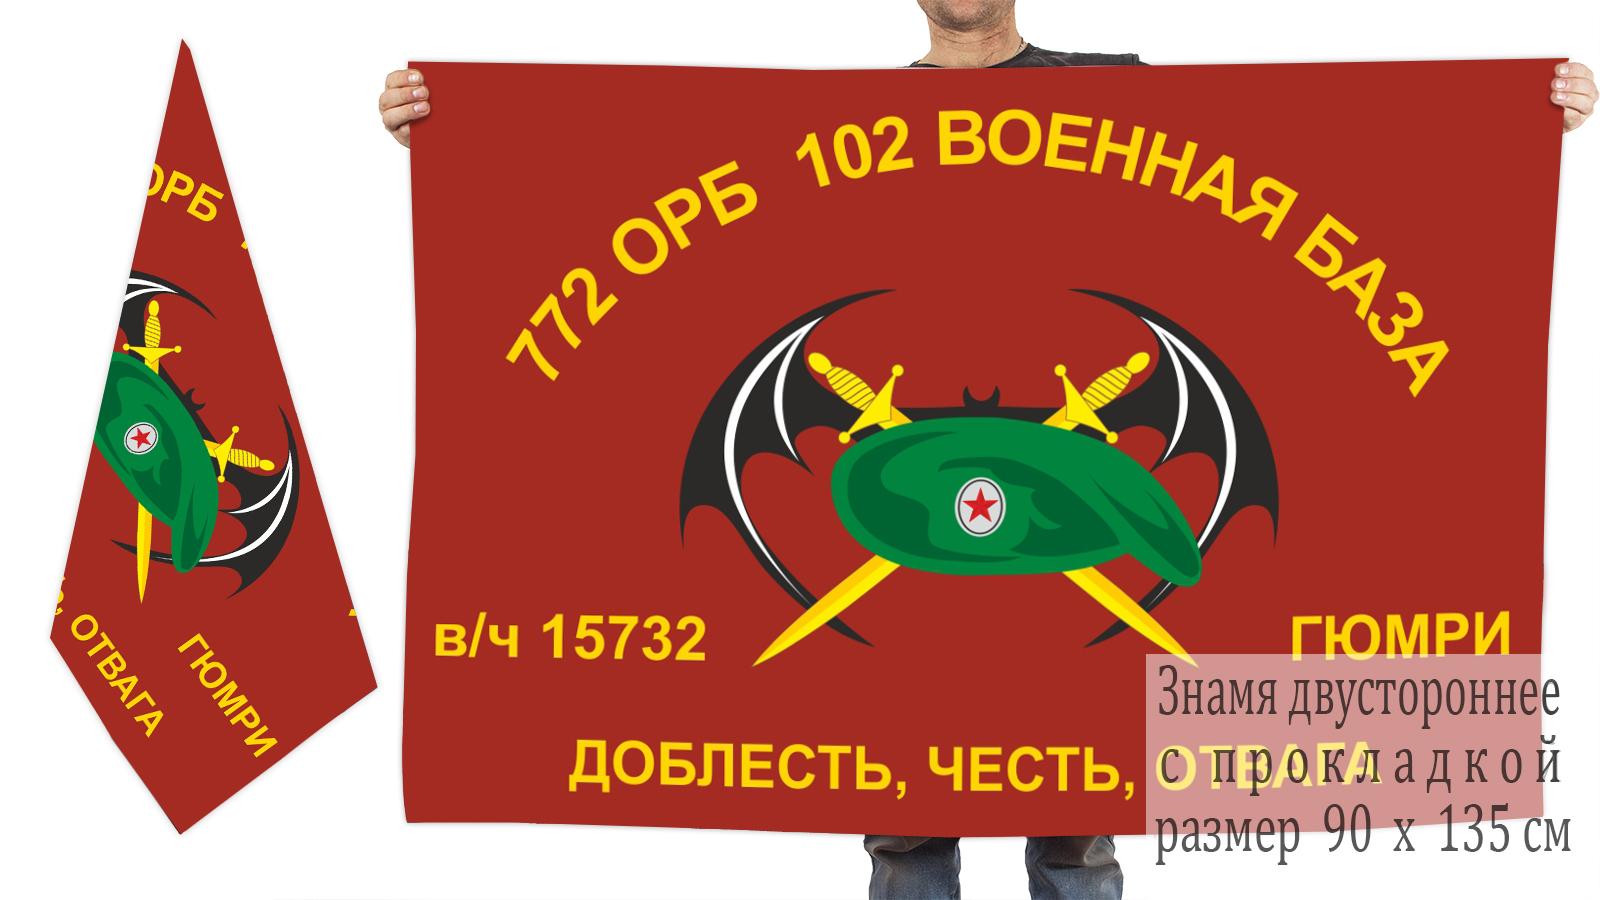 Двухсторонний флаг 772 ОРБ 102 Военная база, в/ч 15732 Гюмри